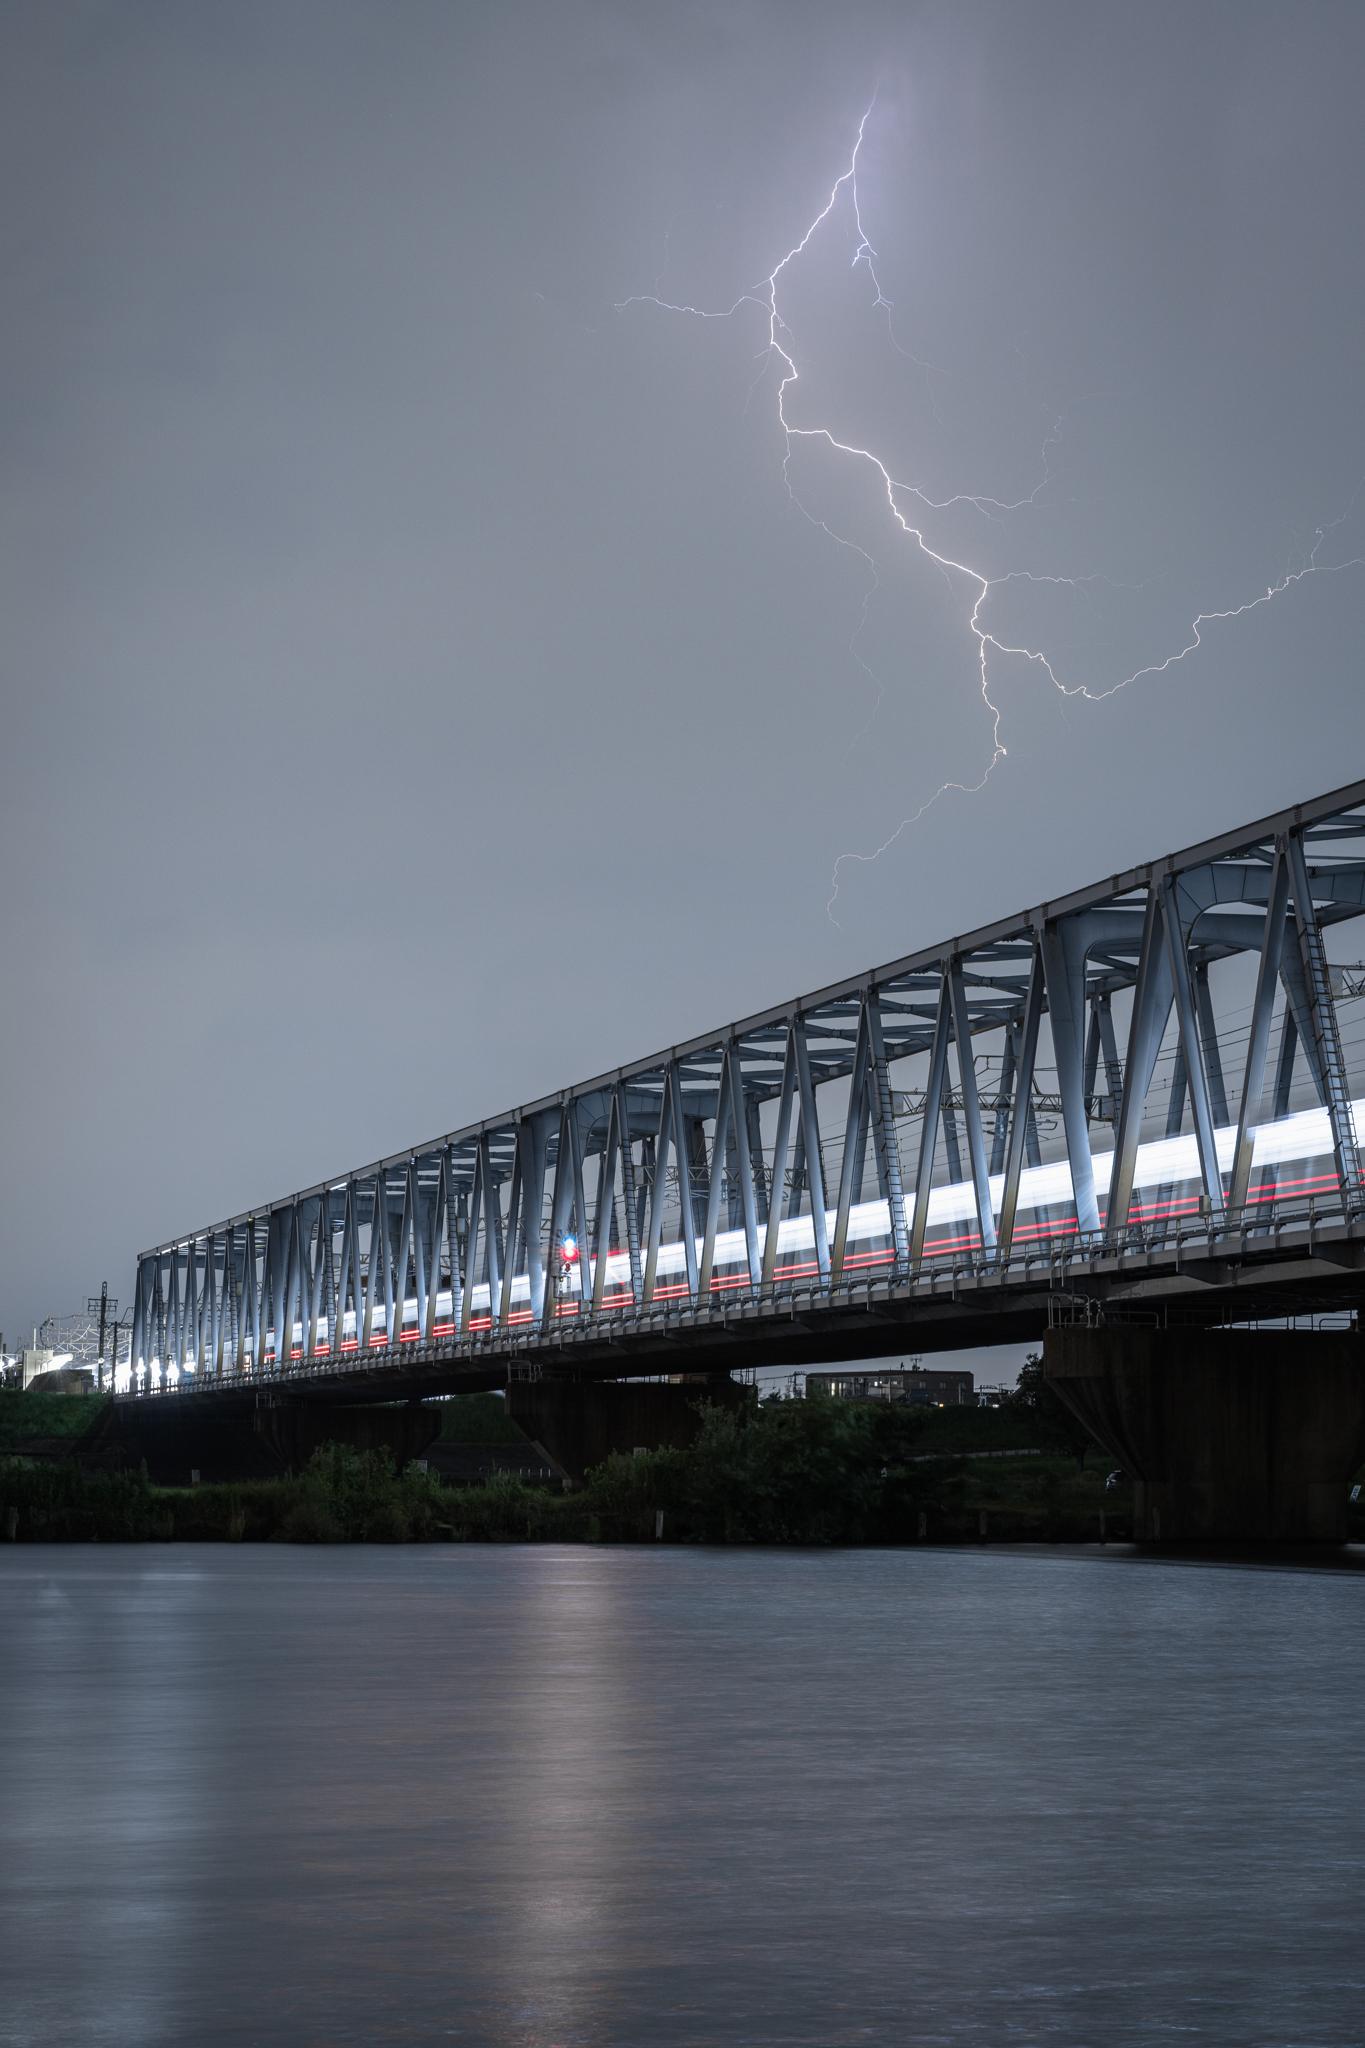 稲光と京成線 江戸川河川敷より 2020年8月22日撮影